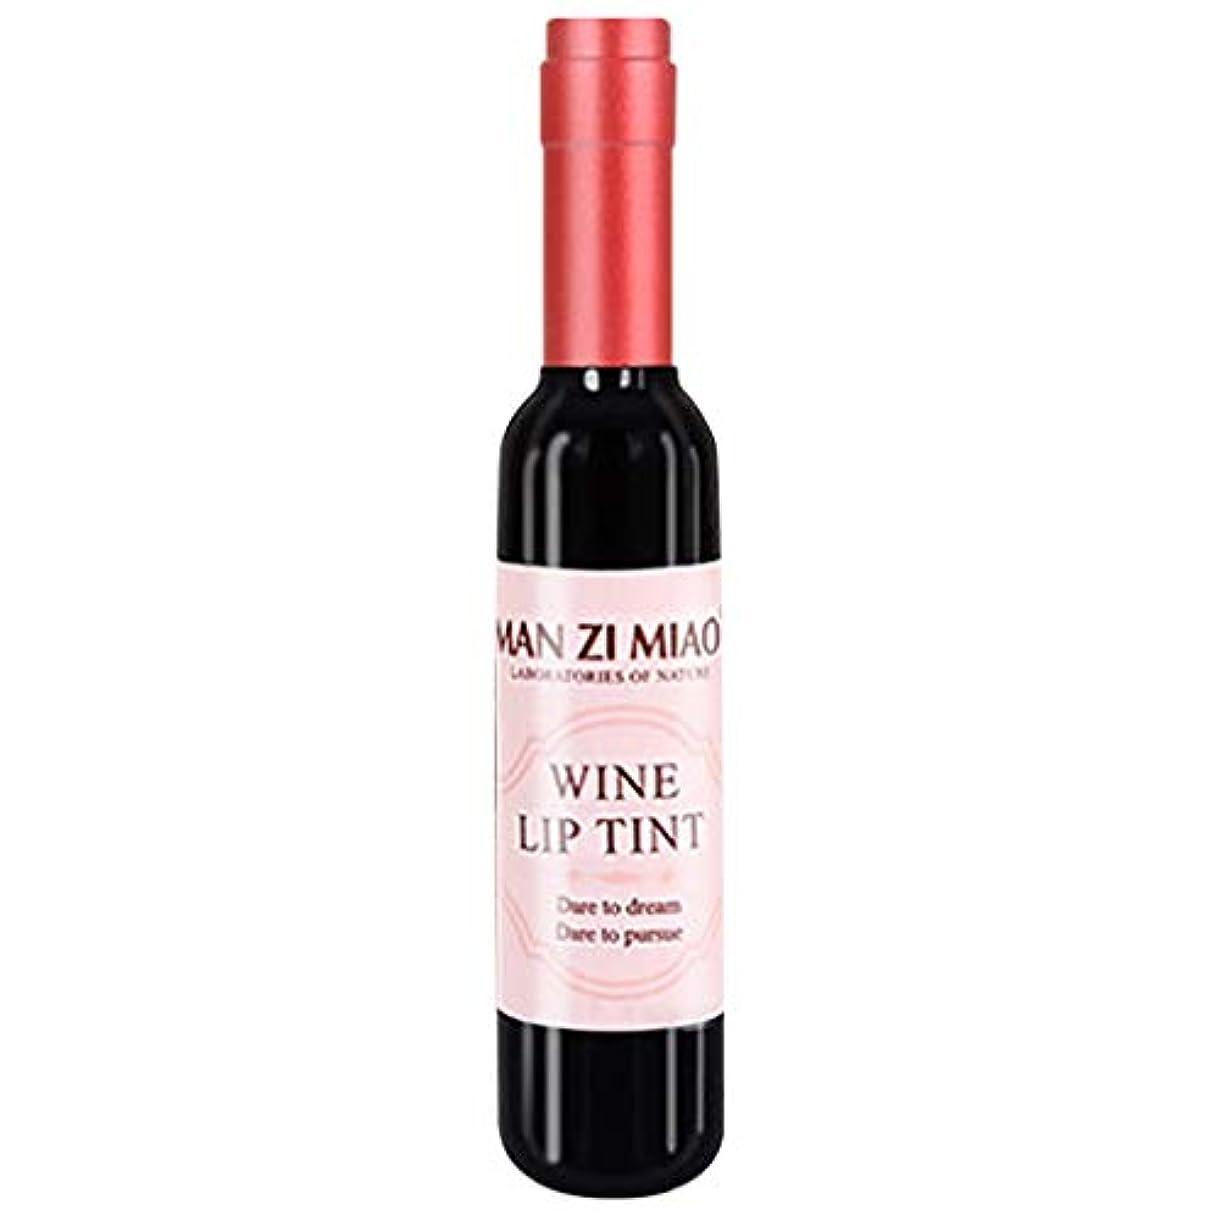 部分ぐったりぐったり口紅 人気 リップスティック 口紅ペン 男女兼用 LLuchen クリスマスリップグロスリップグレーズ ワインボトル リップステンドグラスカップ赤ワインのボトルは、カップの に触れない は簡単に脱色できません 超良い品質...